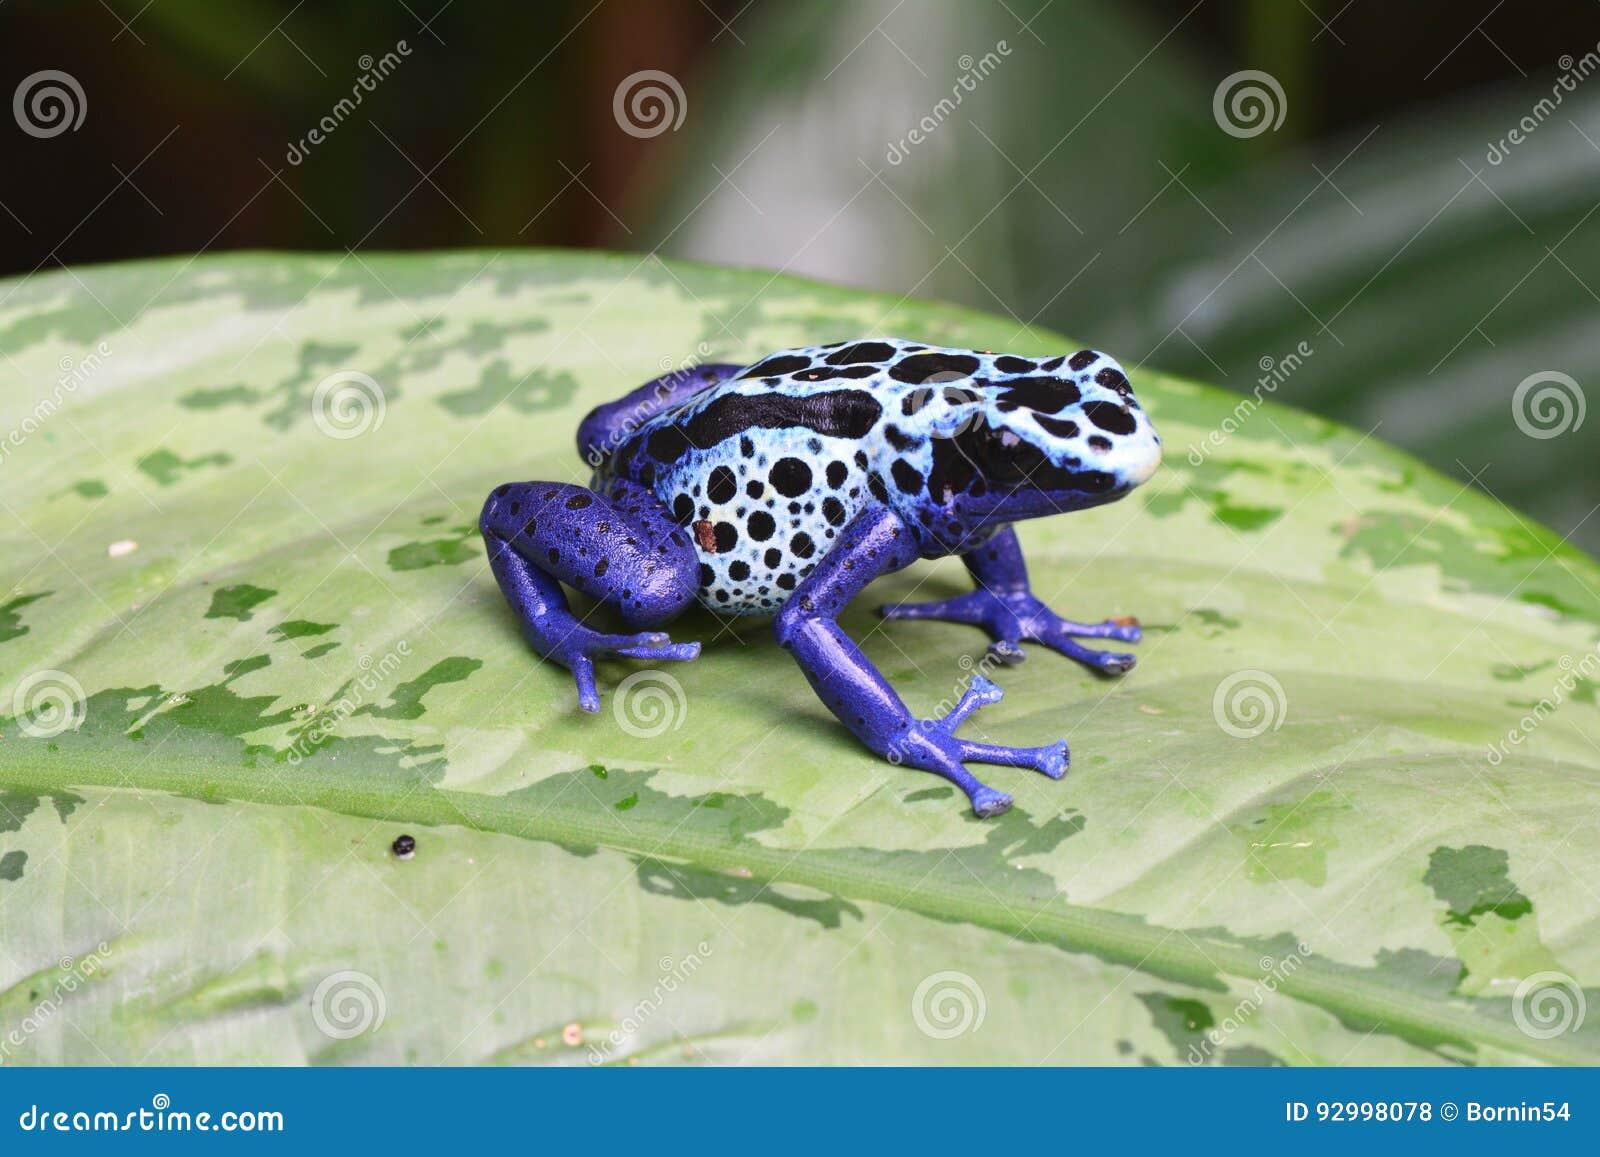 A blue Poison dart frog on a leaf.